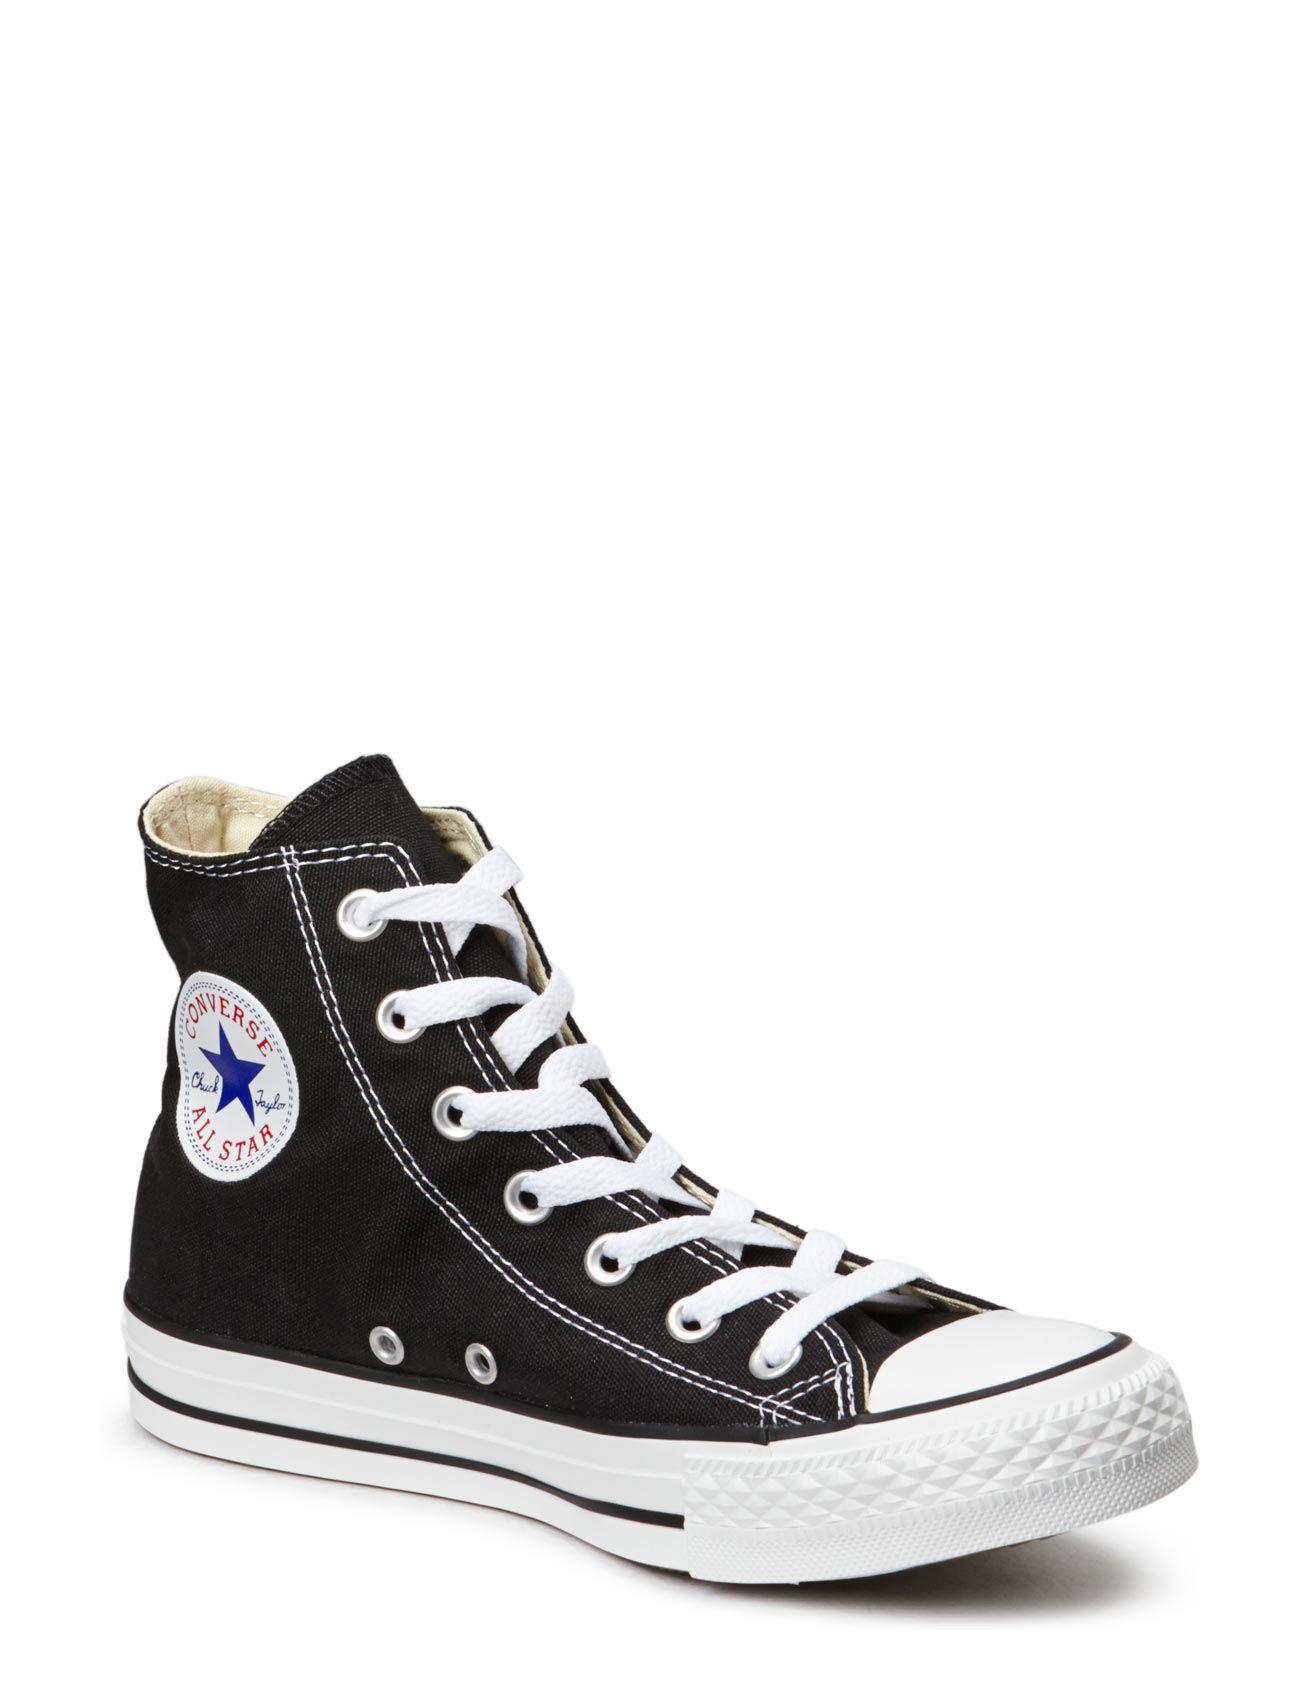 All Star Canvas Hi Converse Sneakers til Mænd i Sort